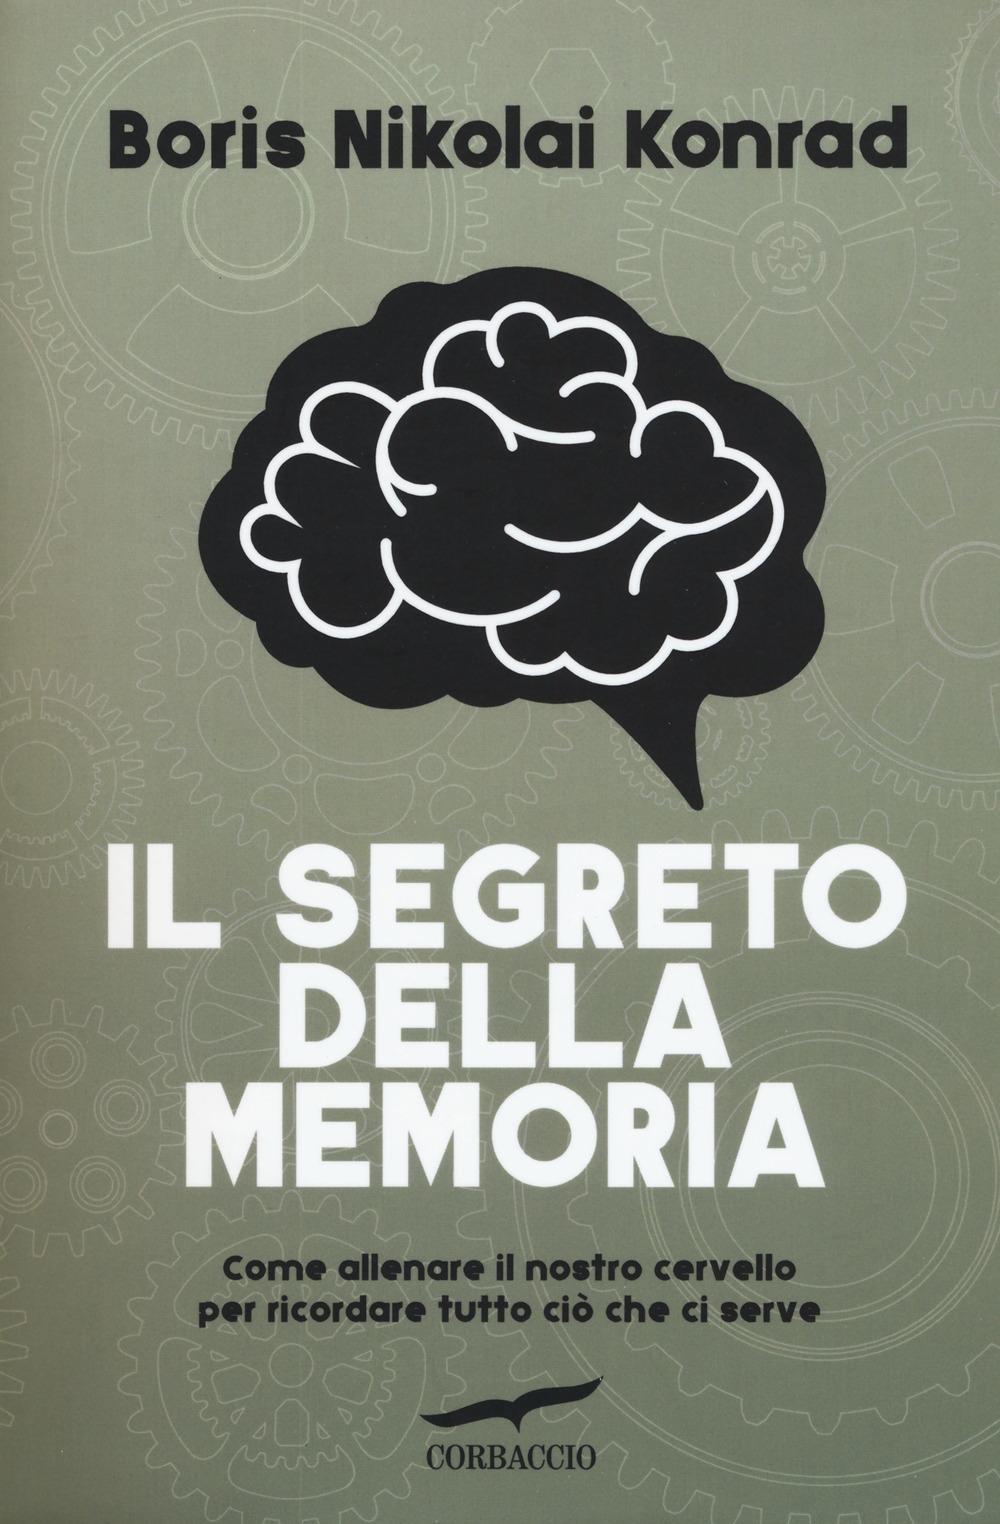 Il segreto della memoria. Come allenare il nostro cervello per ricordare tutto ciò che ci serve